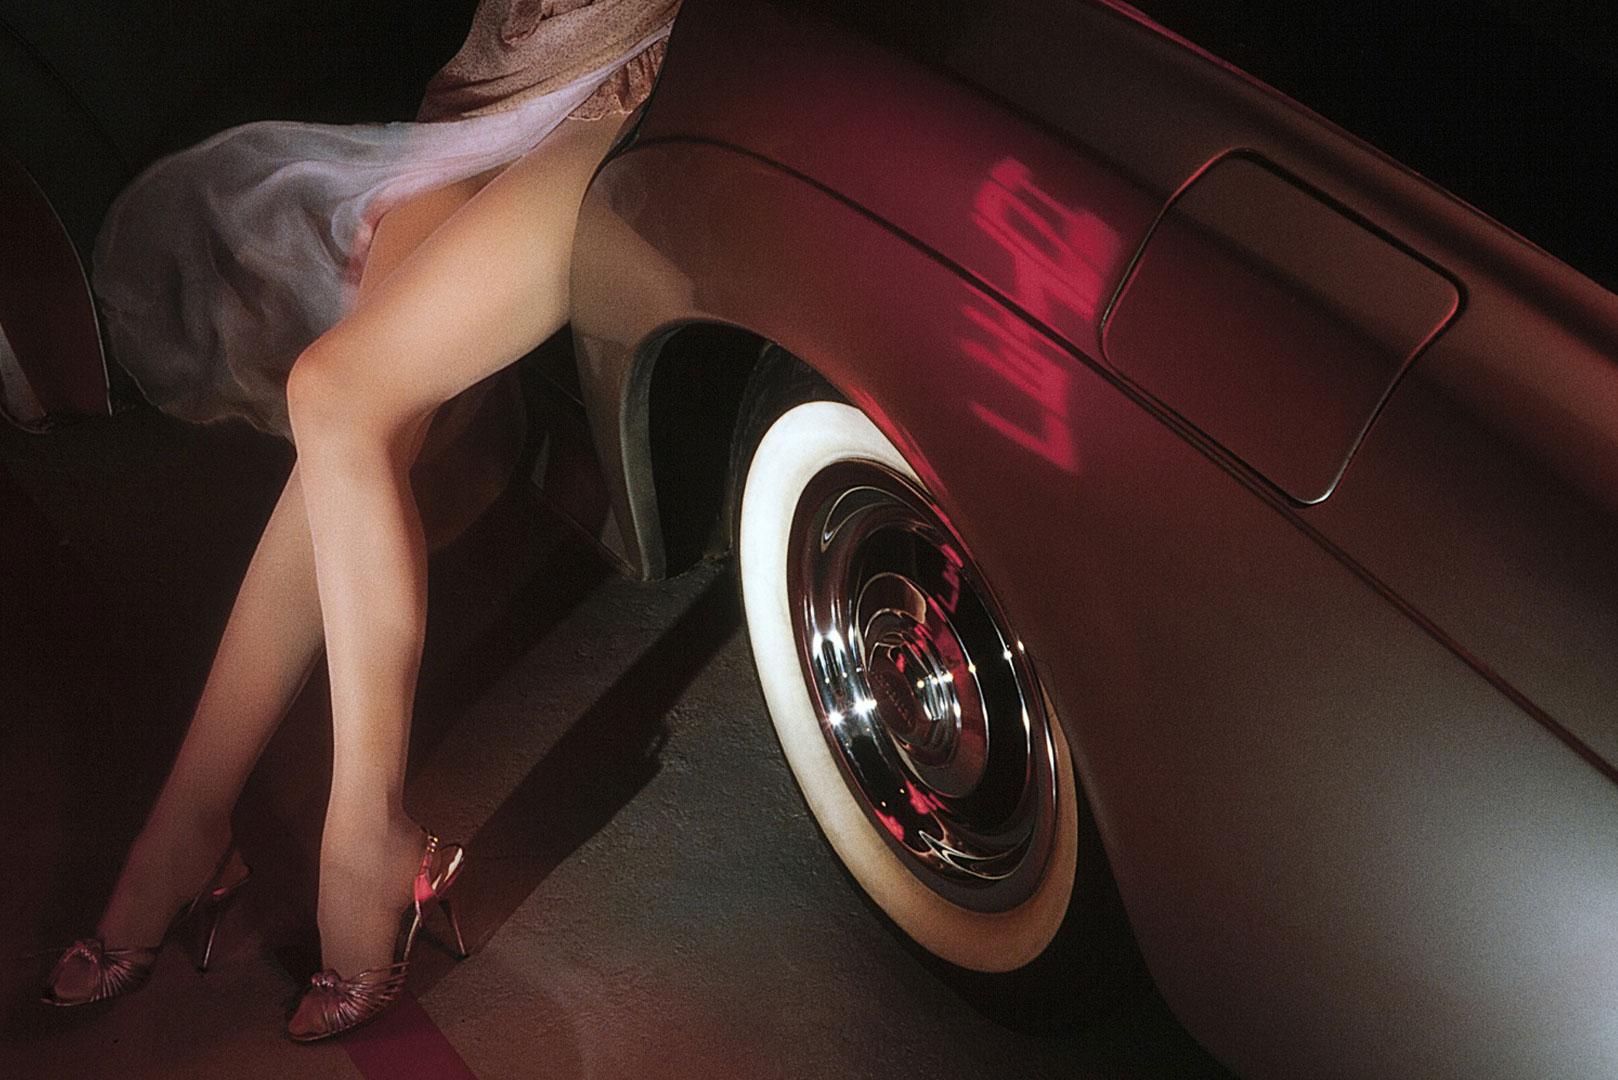 Une jolie paire de jambes de femme près d'une voiture américaine